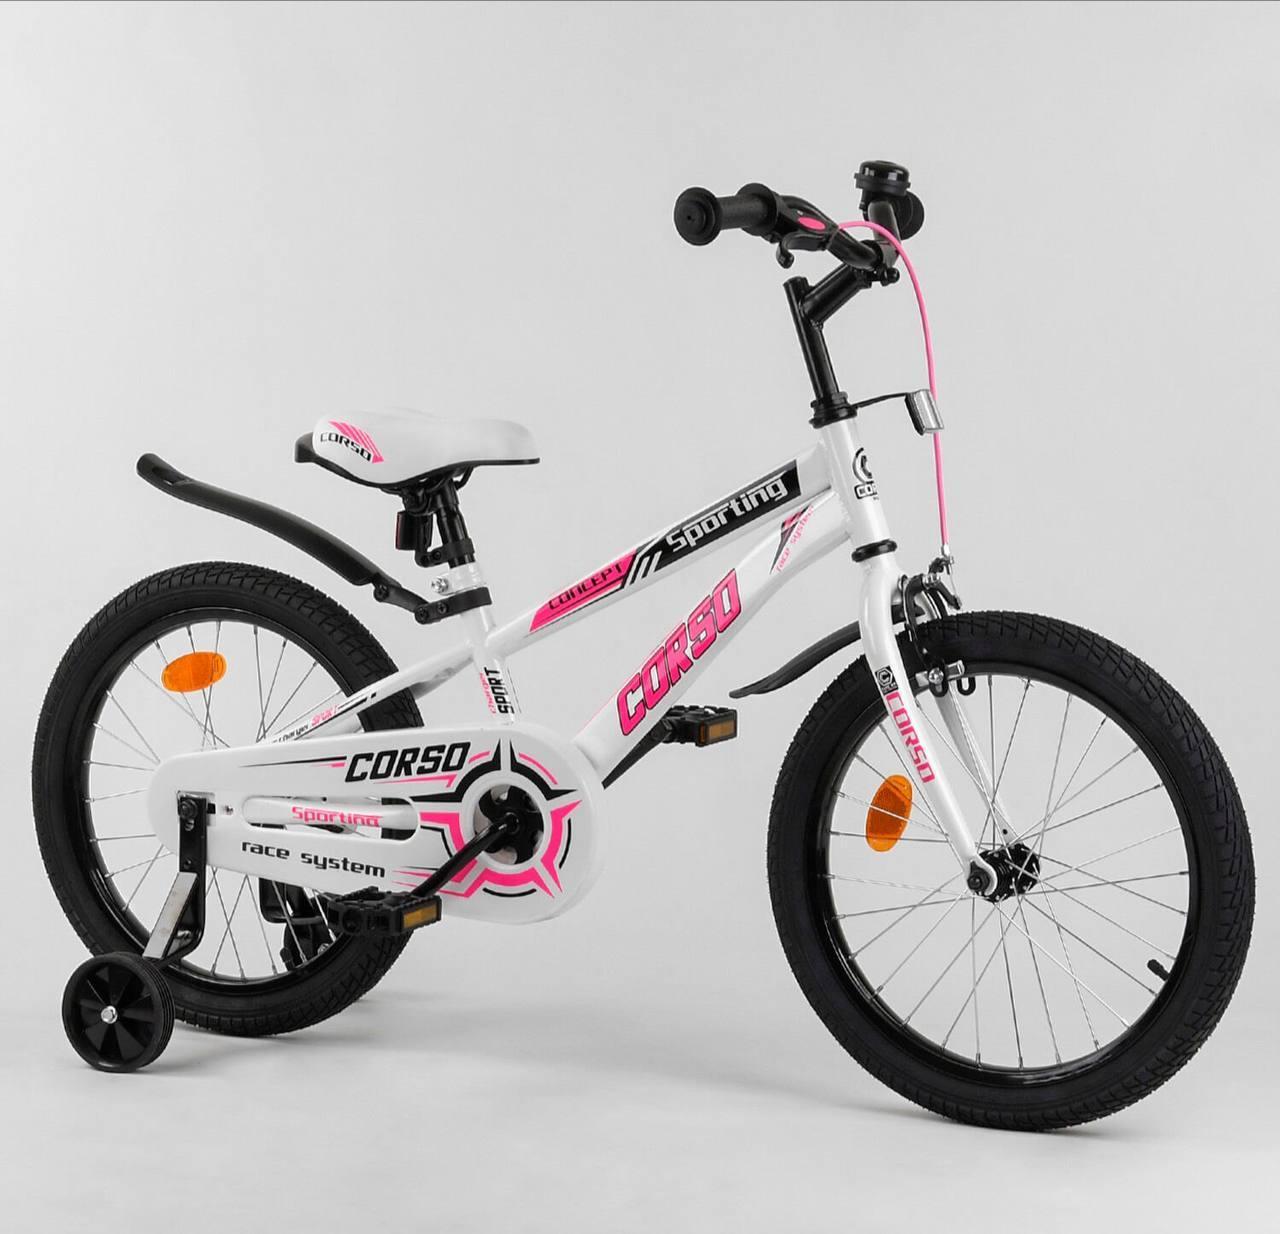 Двухколесный велосипед Corso R на 18 дюймов Бело-розовый